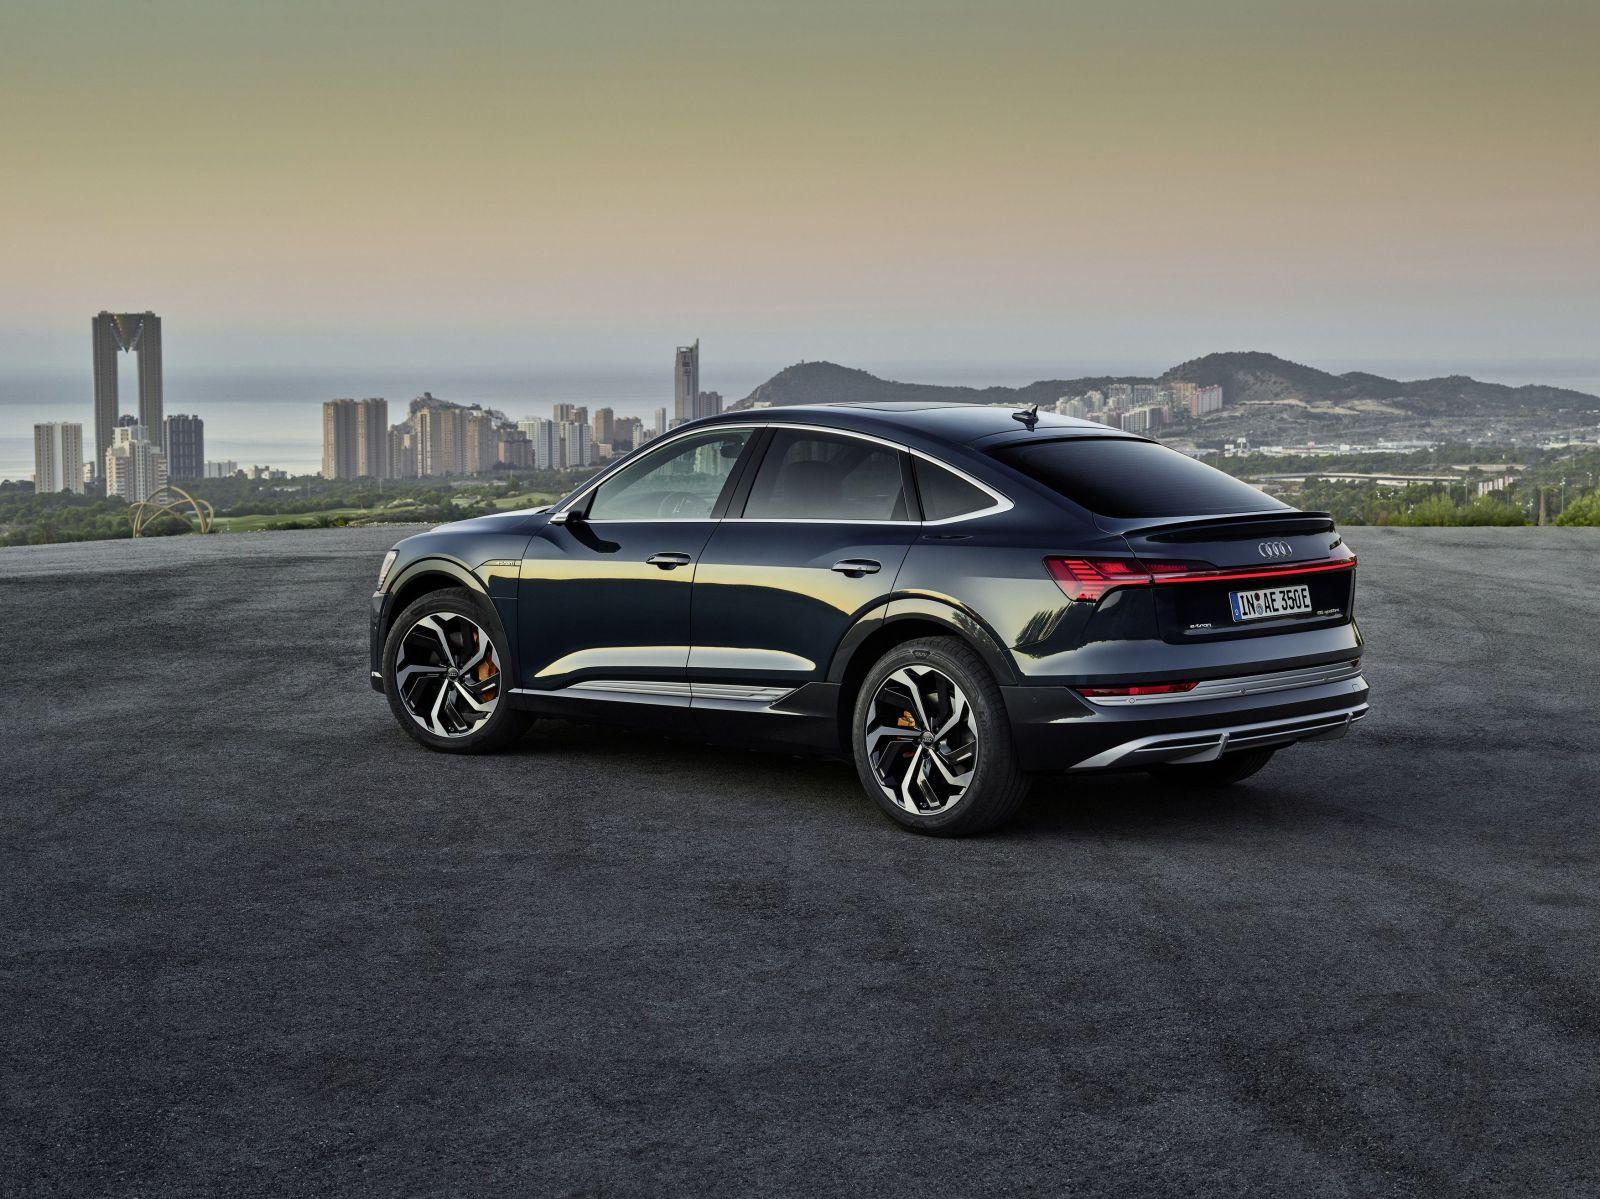 Na svete je ďalší prémiový elektromobil. Elektrický Sporback má nielen unikátne späťáky, ale aj svetlá